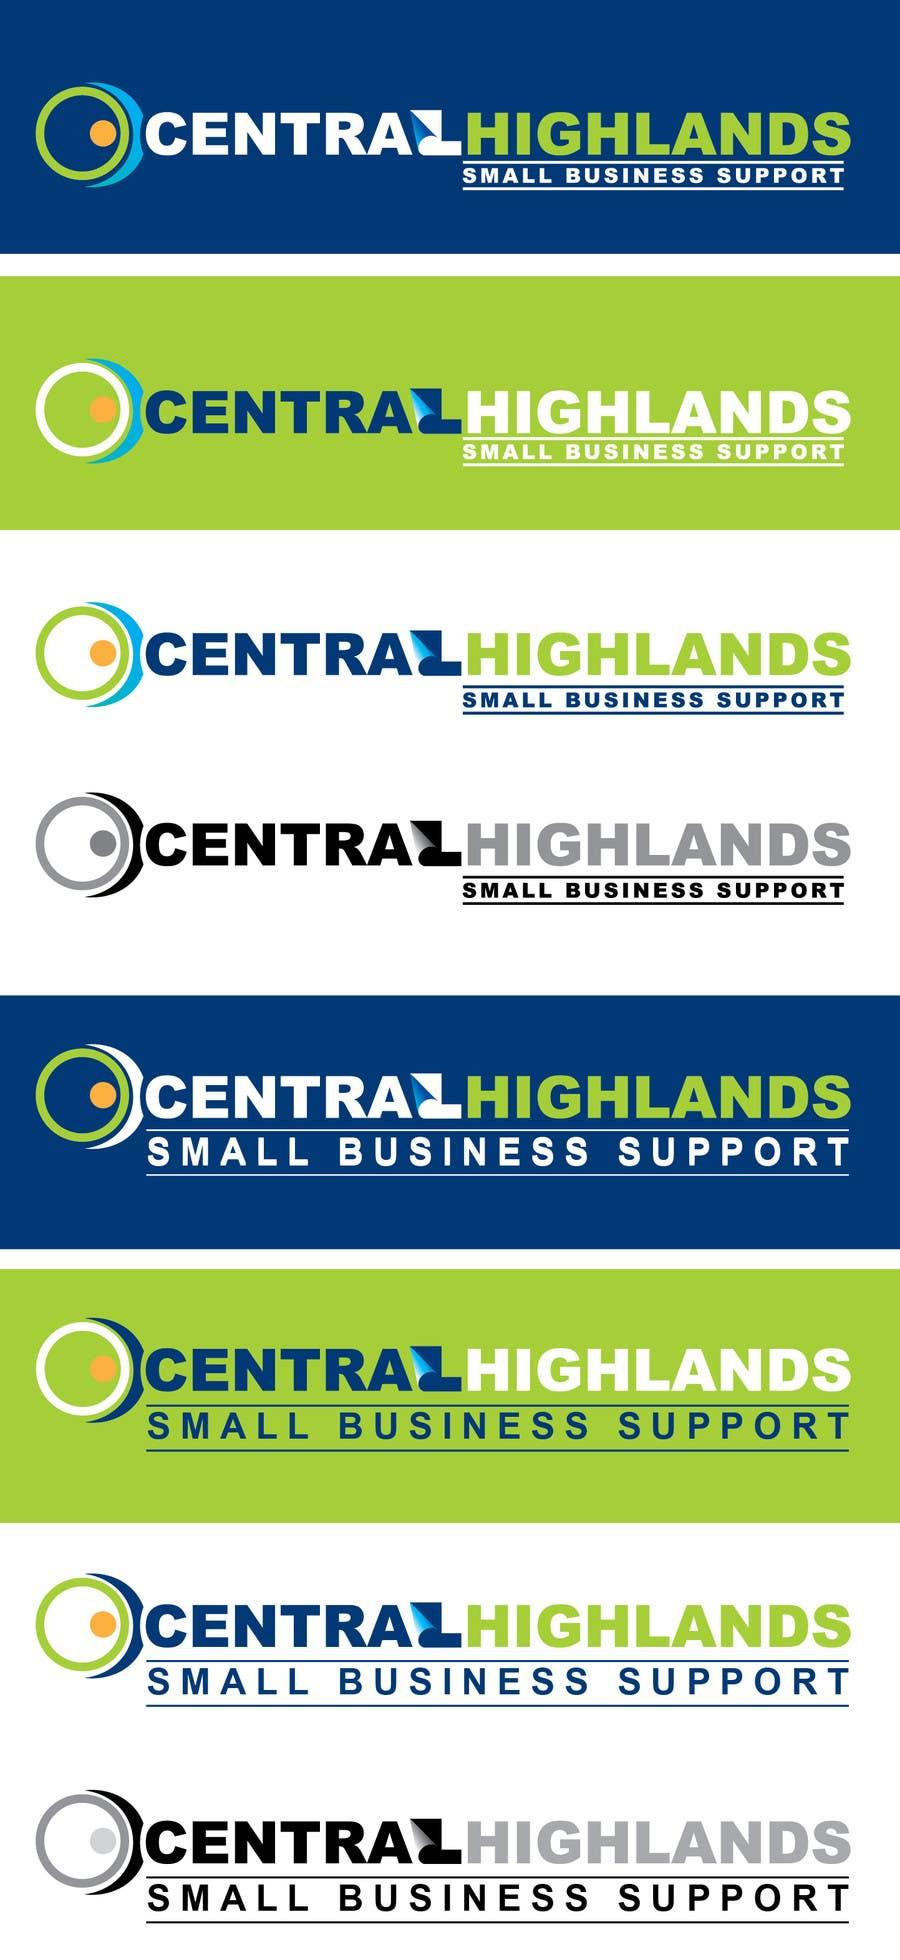 Penyertaan Peraduan #                                        51                                      untuk                                         Logo Design for Small Business Support